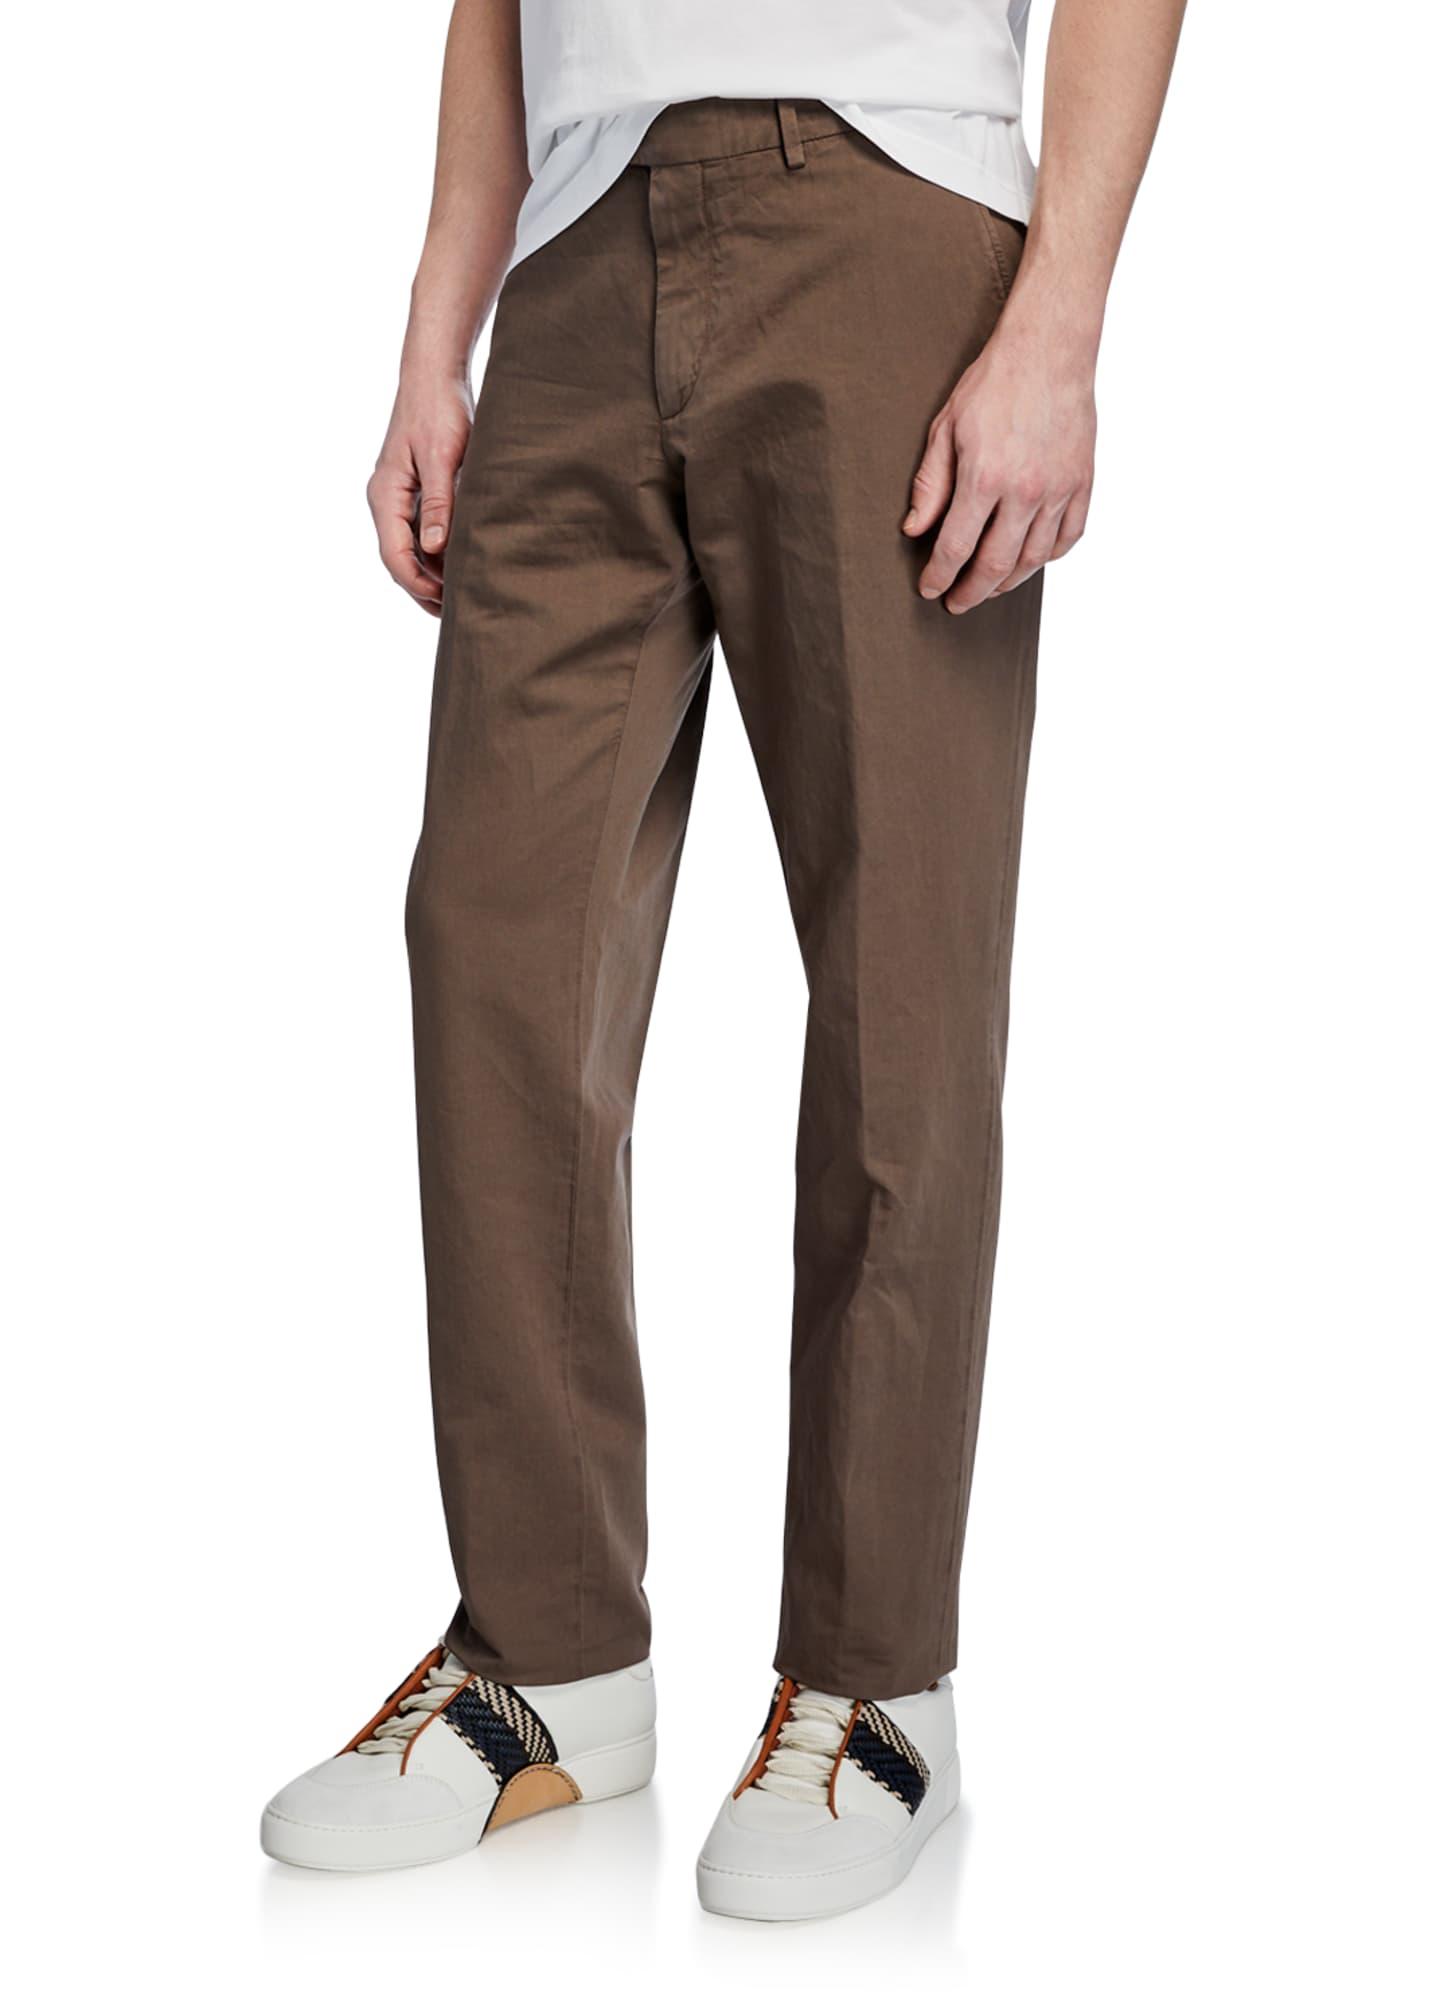 Ermenegildo Zegna Men's Linen-Blend Straight-Leg Trousers